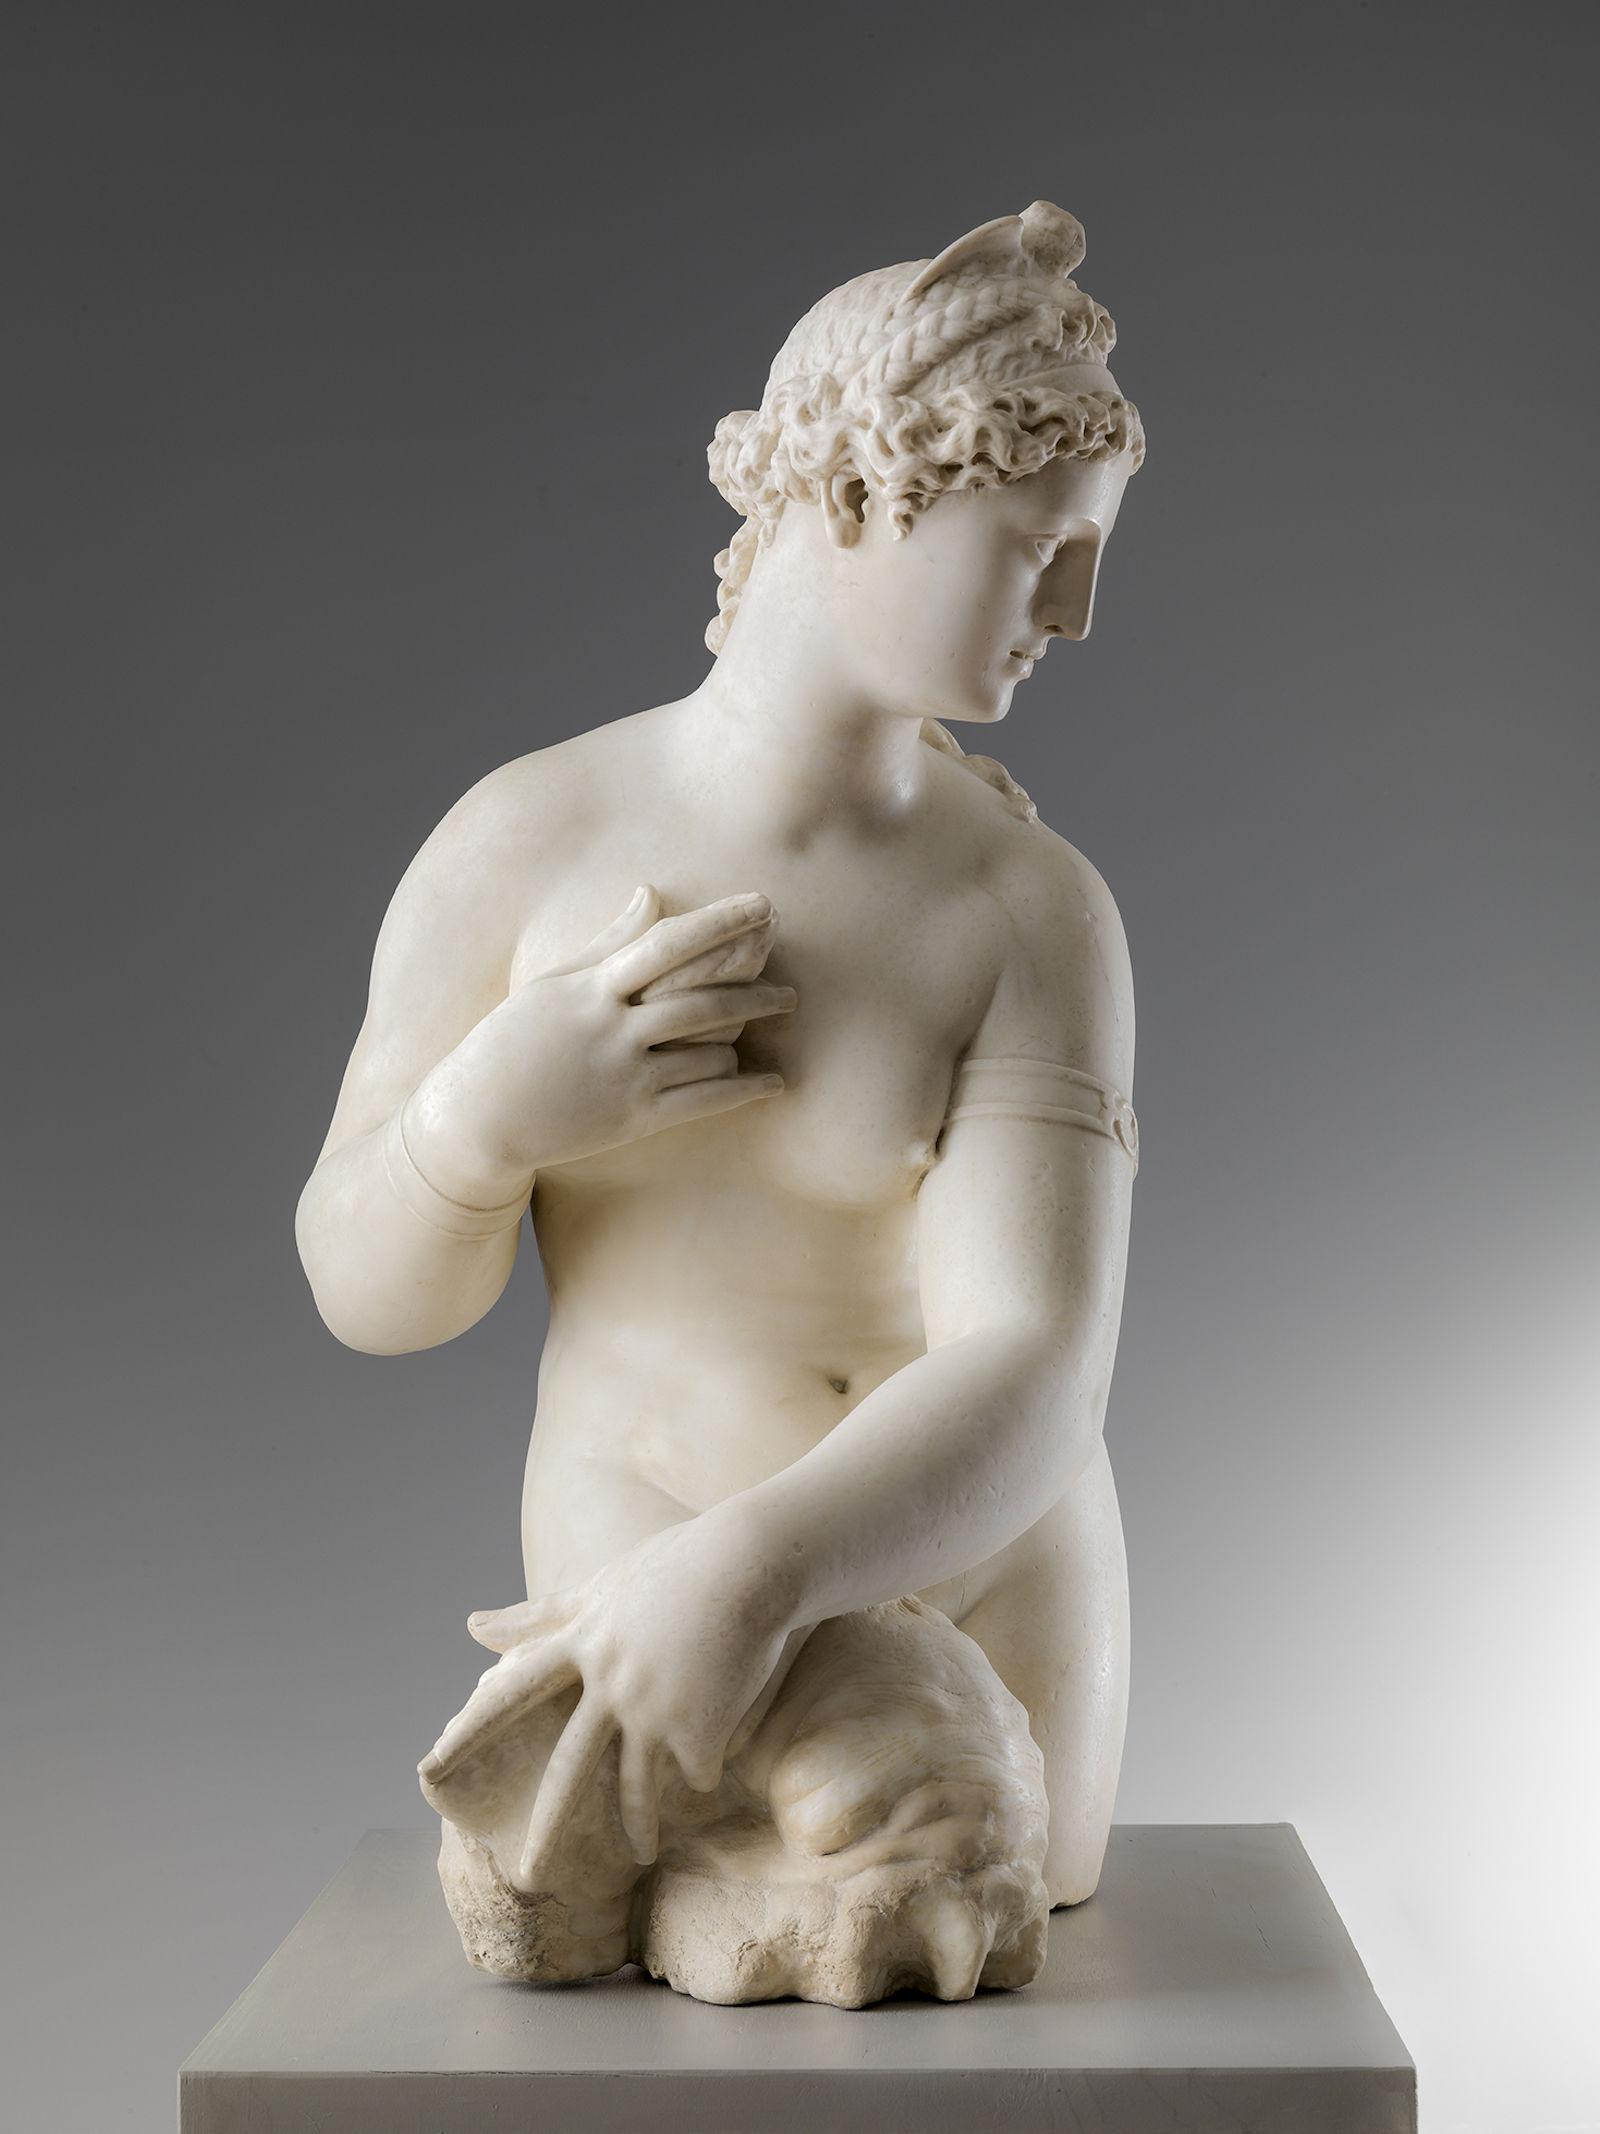 Bagno a Ripoli - La leggenda della Fata Morgana